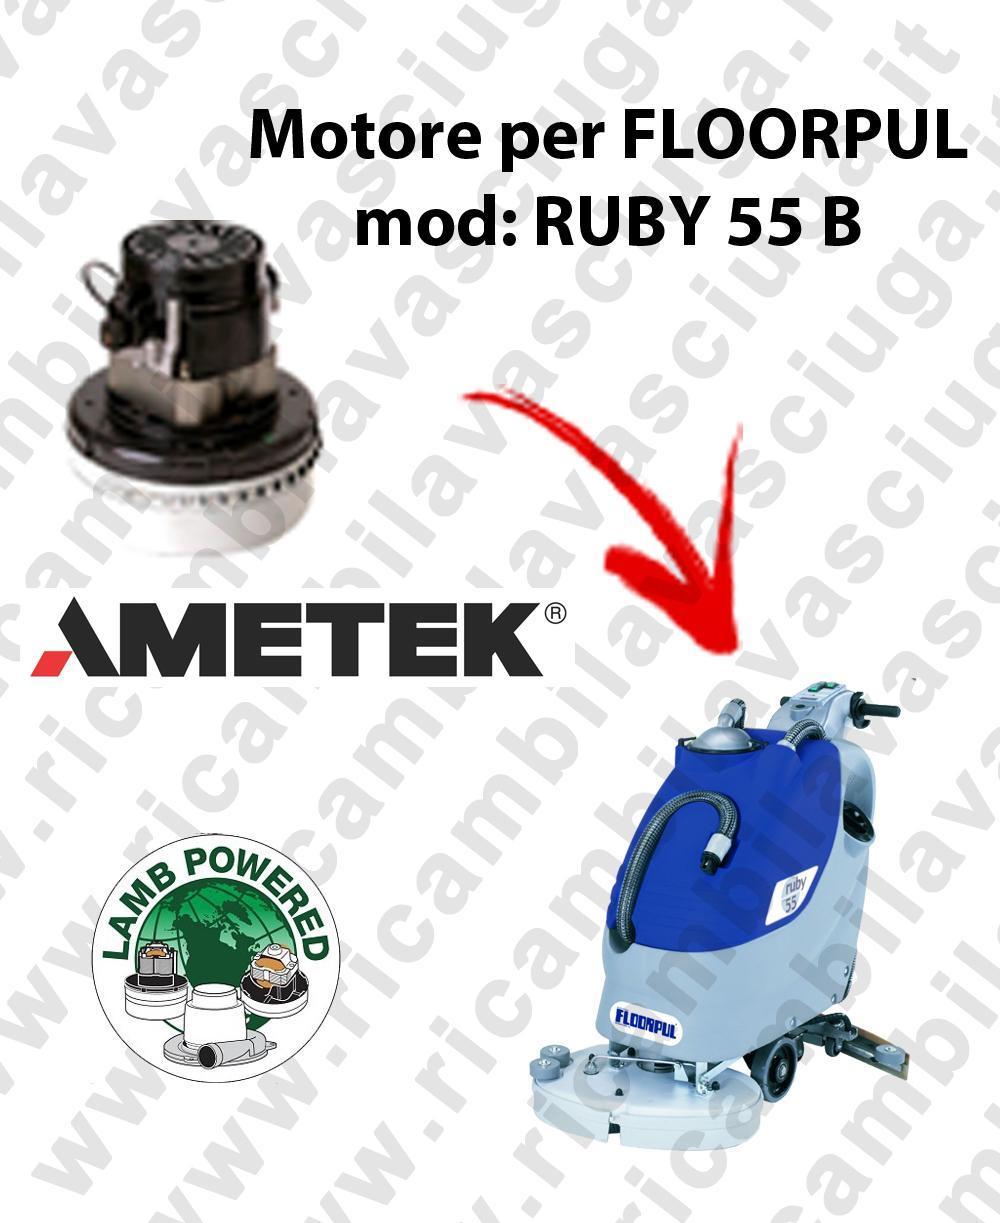 RUBY 55 B MOTEUR ASPIRATION LAMB AMATEK pour autolaveuses FLOORPUL